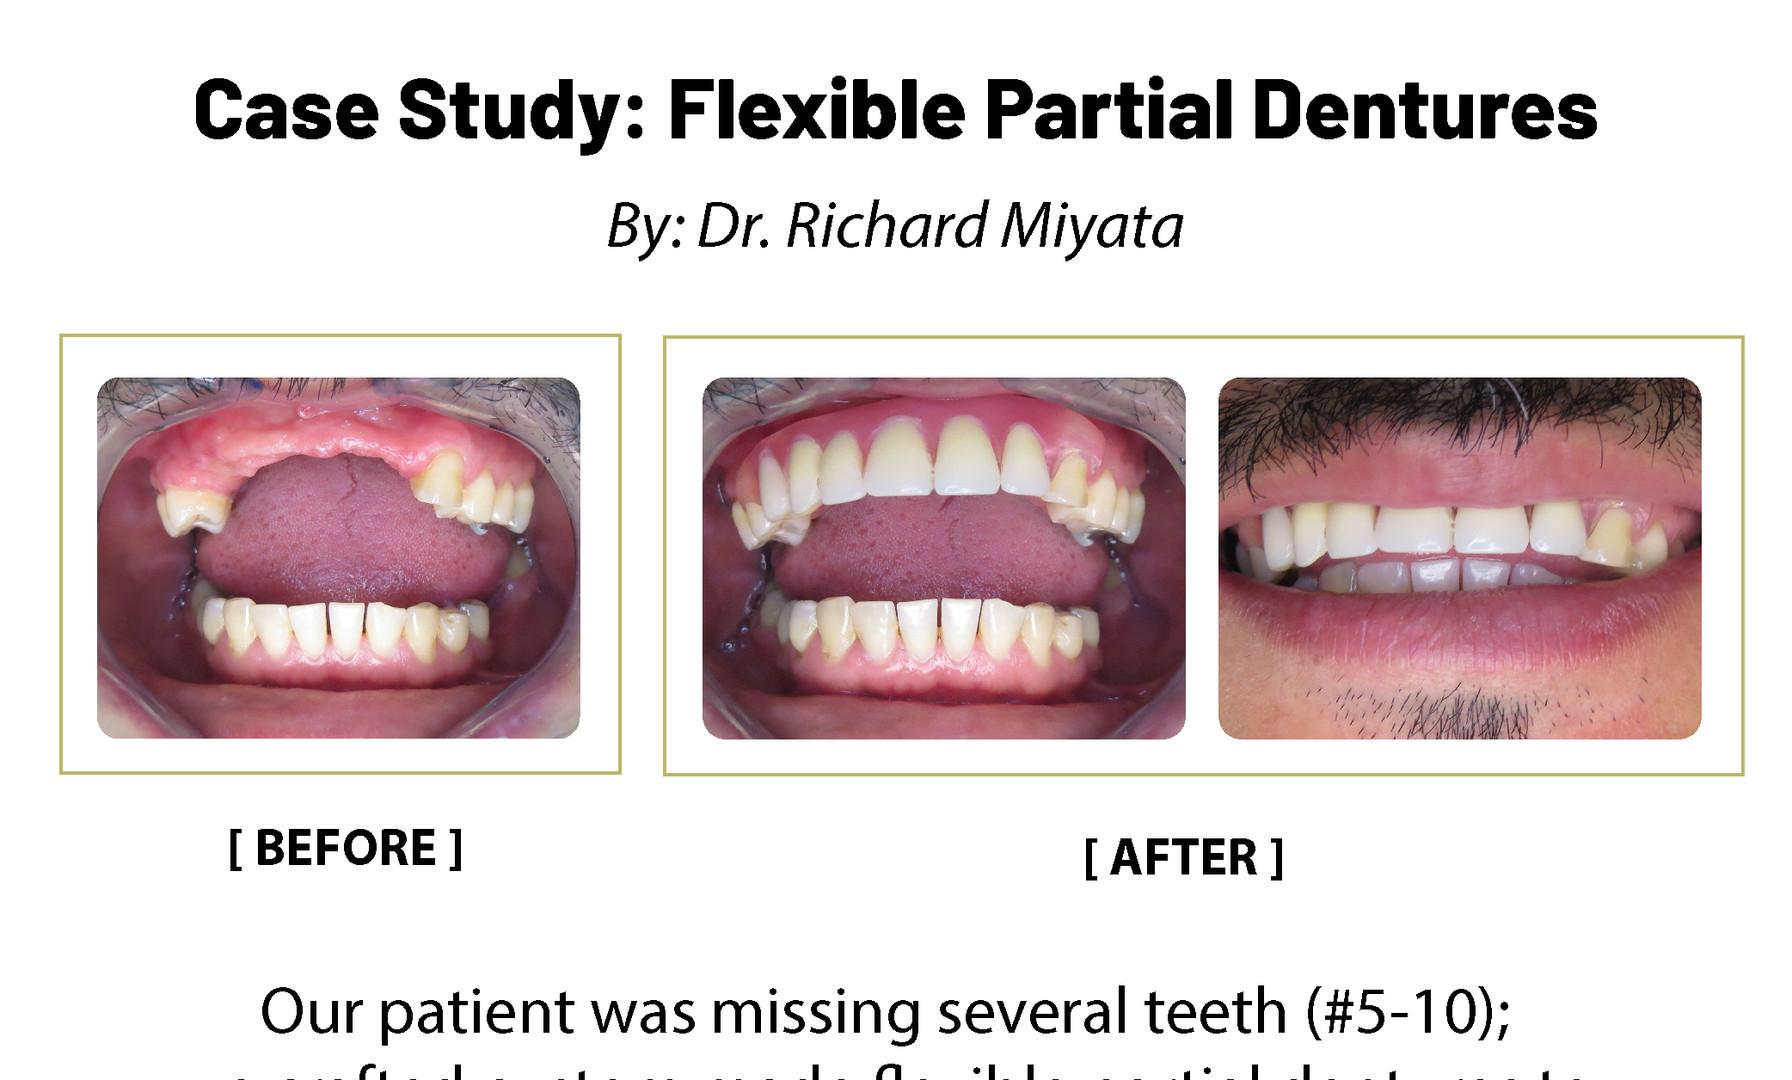 Case Study: Flexible Partial Dentures